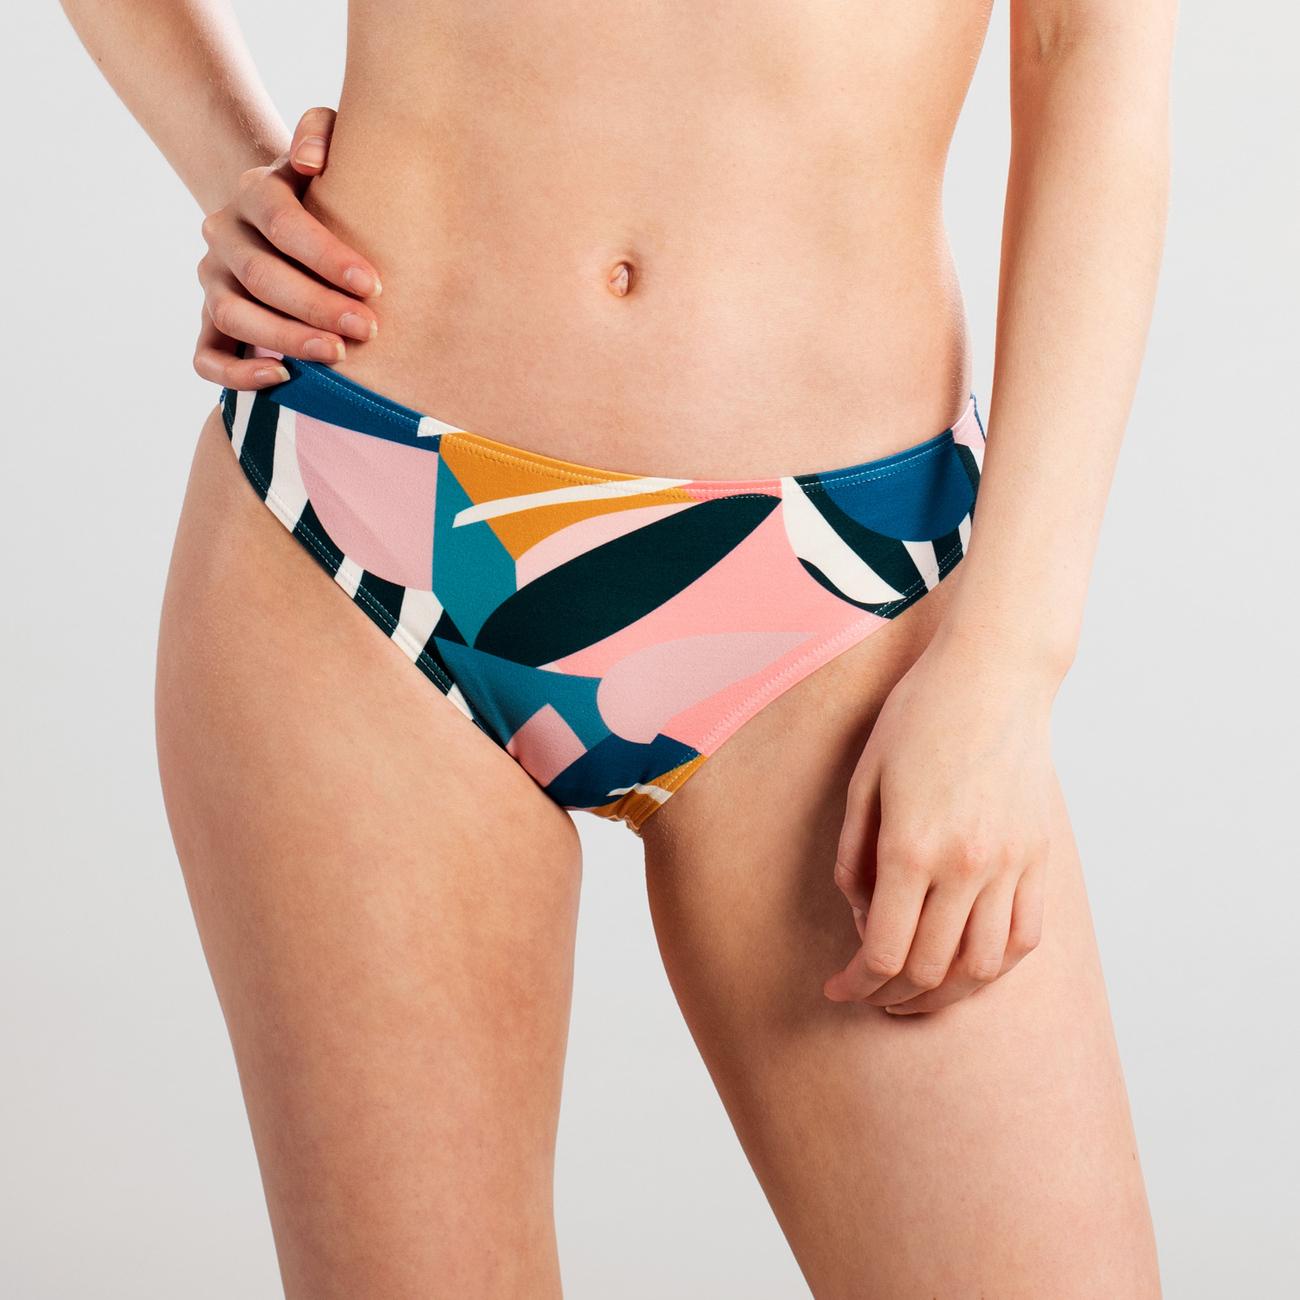 Bikini Briefs Burgsvik Collage Leaves